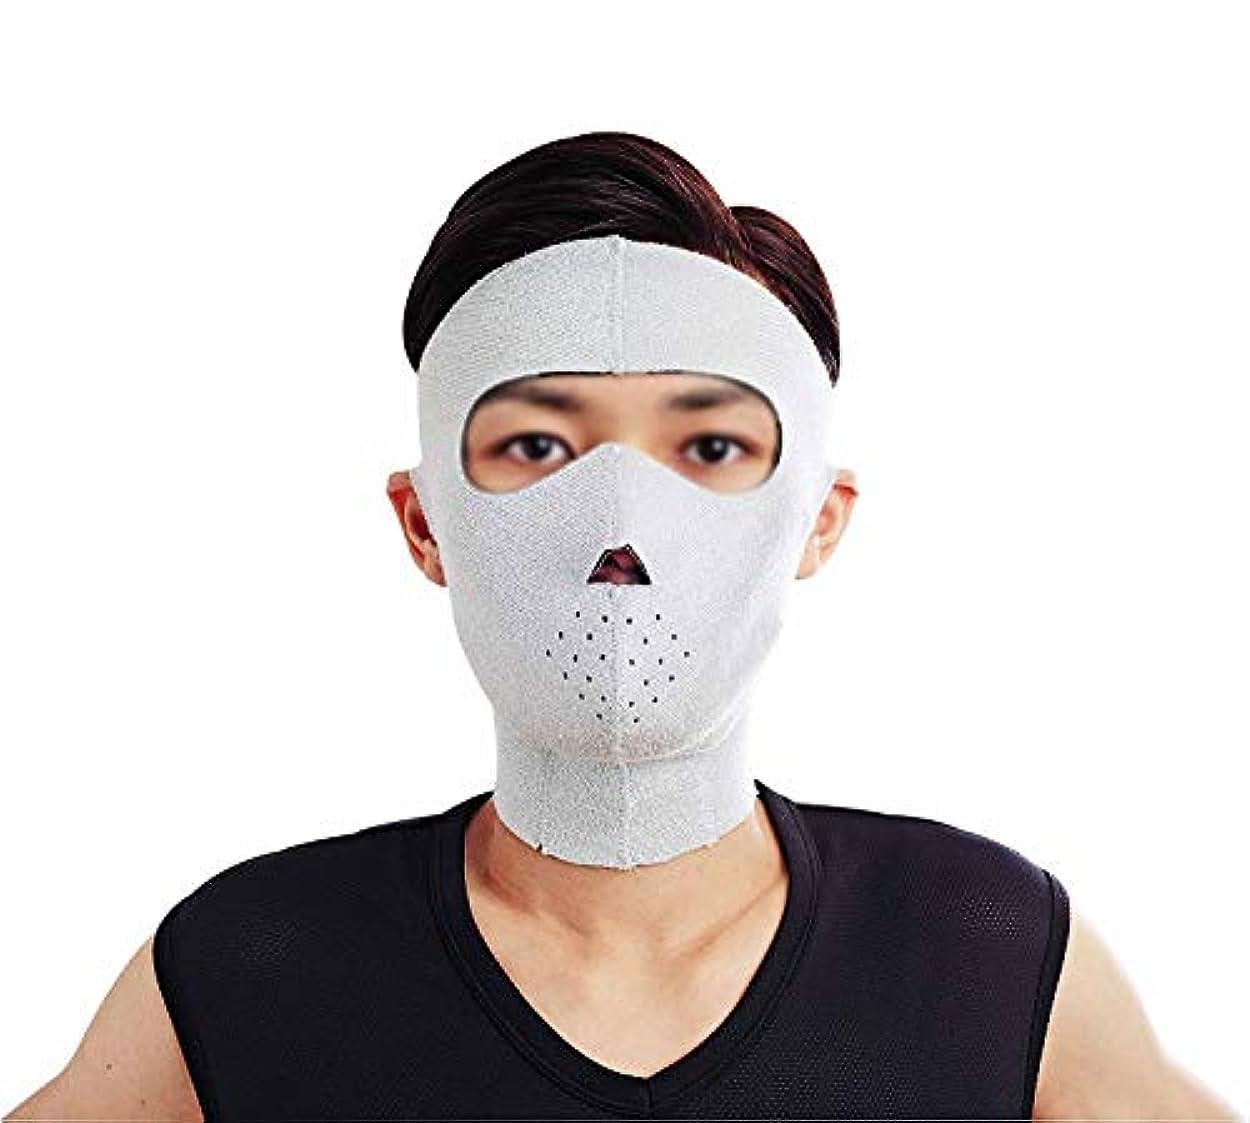 出来事熱心暴露するGLJJQMY 薄い顔のマスクのマスクと男性のネックバンドとの垂れ下がり防止の薄い顔のマスクの薄い顔のマスクのアーチファクトの美しさを引き締め 顔用整形マスク